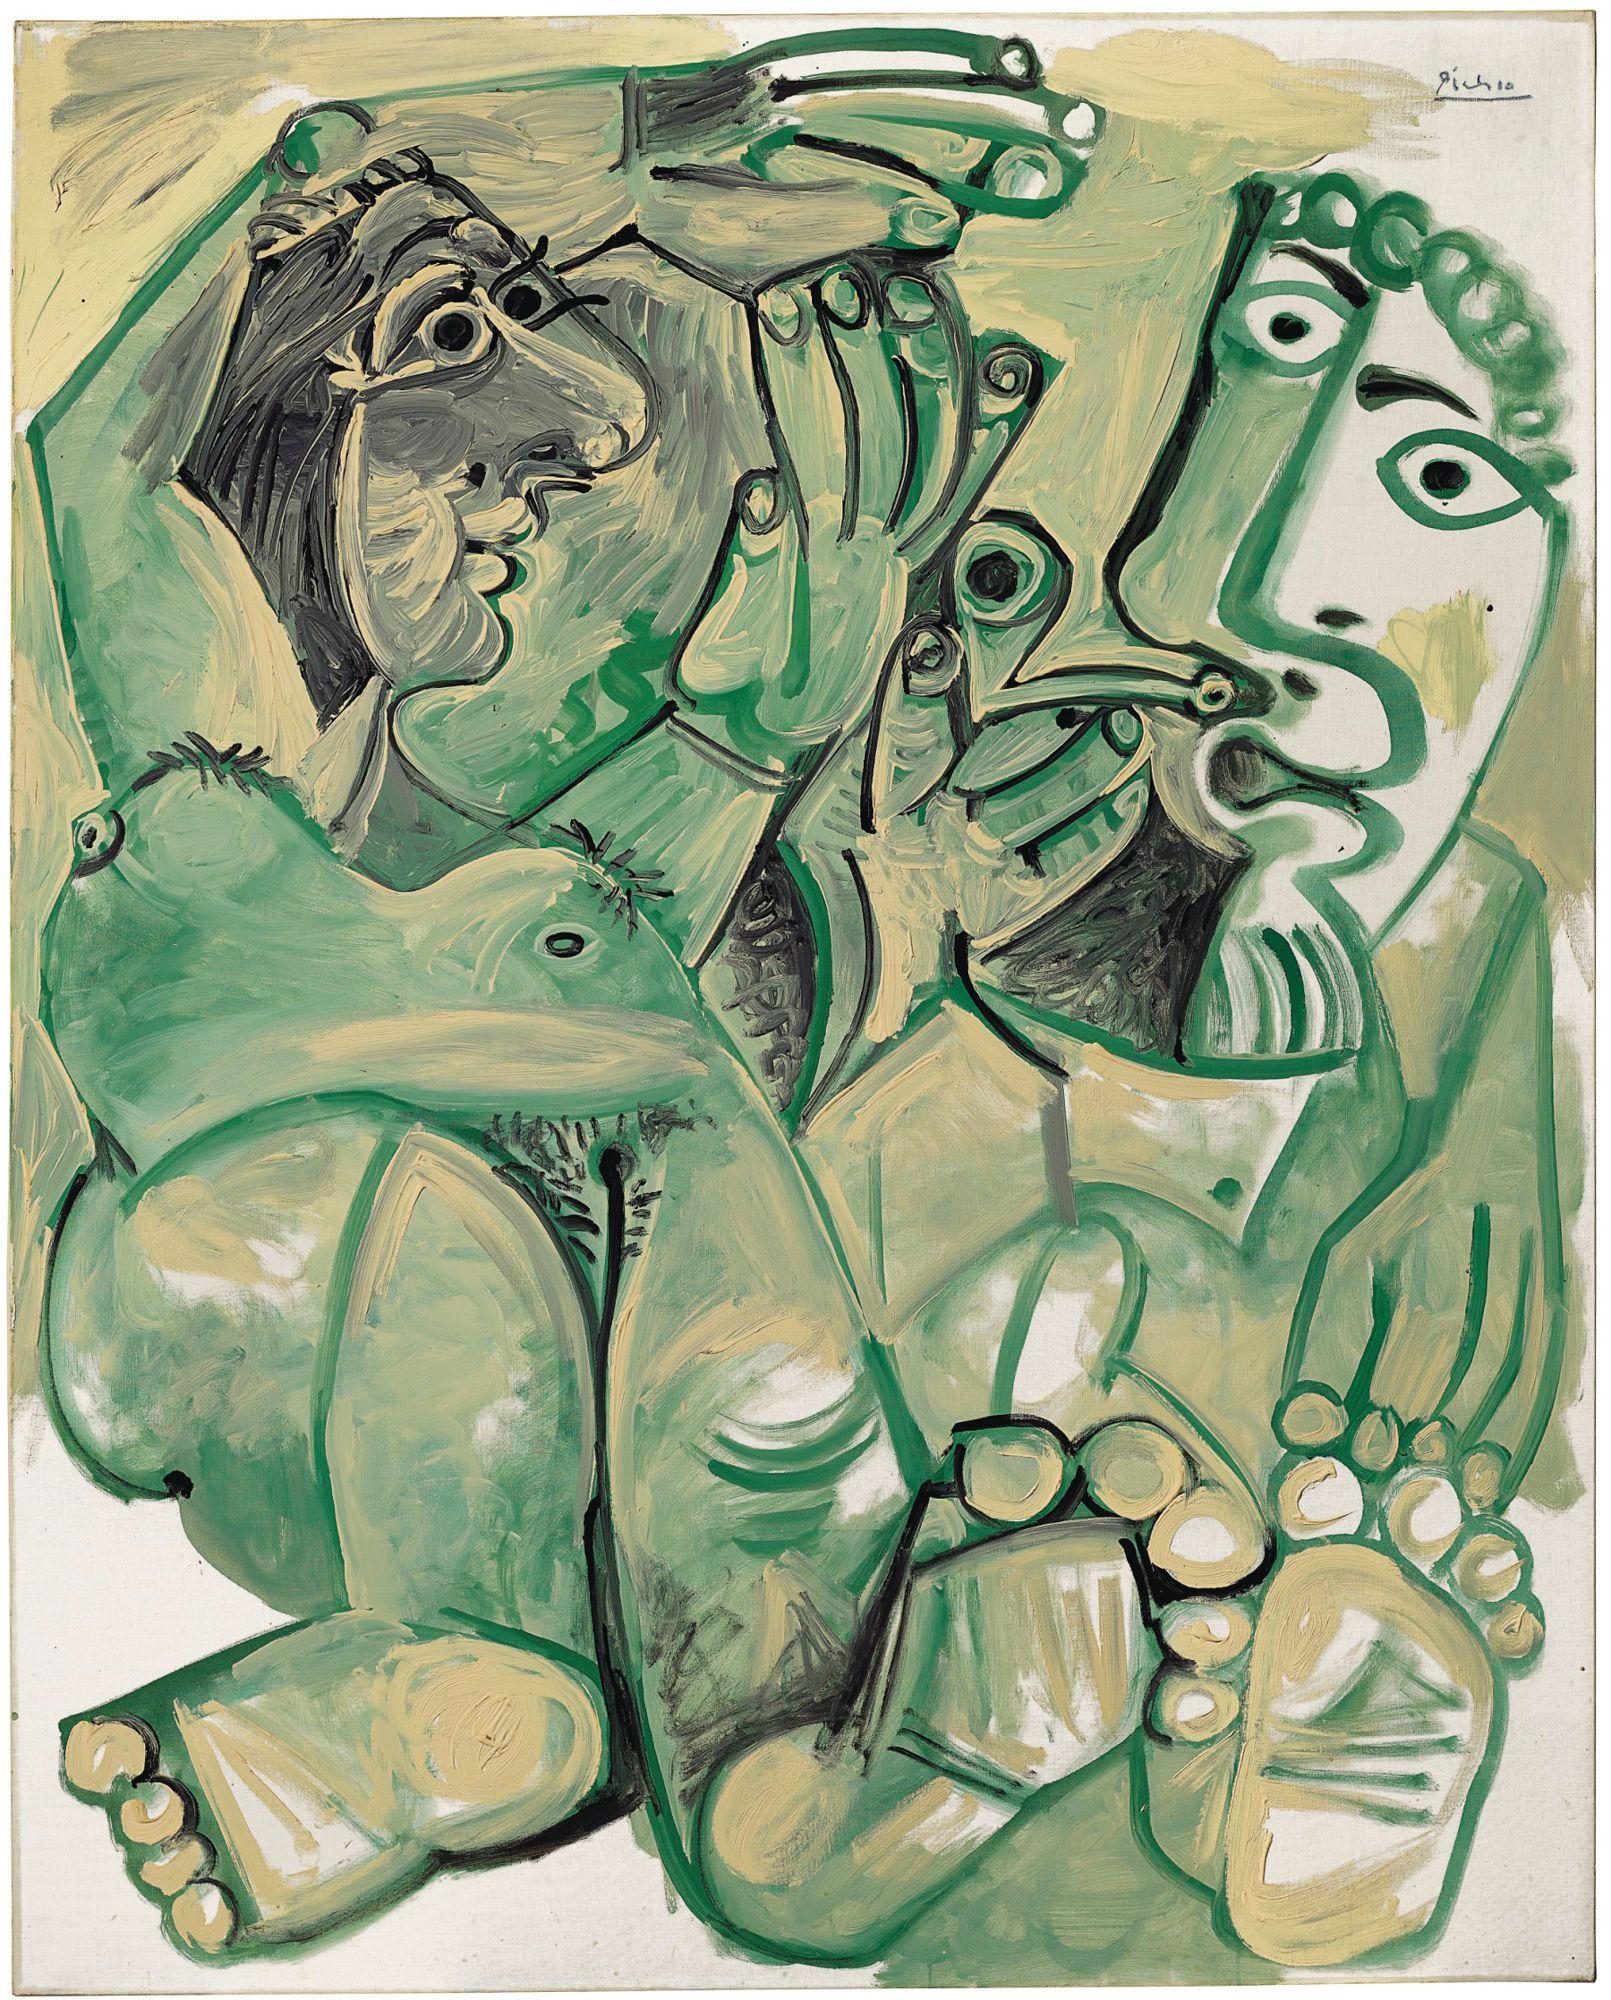 Hommes et femmes nu (1968) by Pablo Picasso